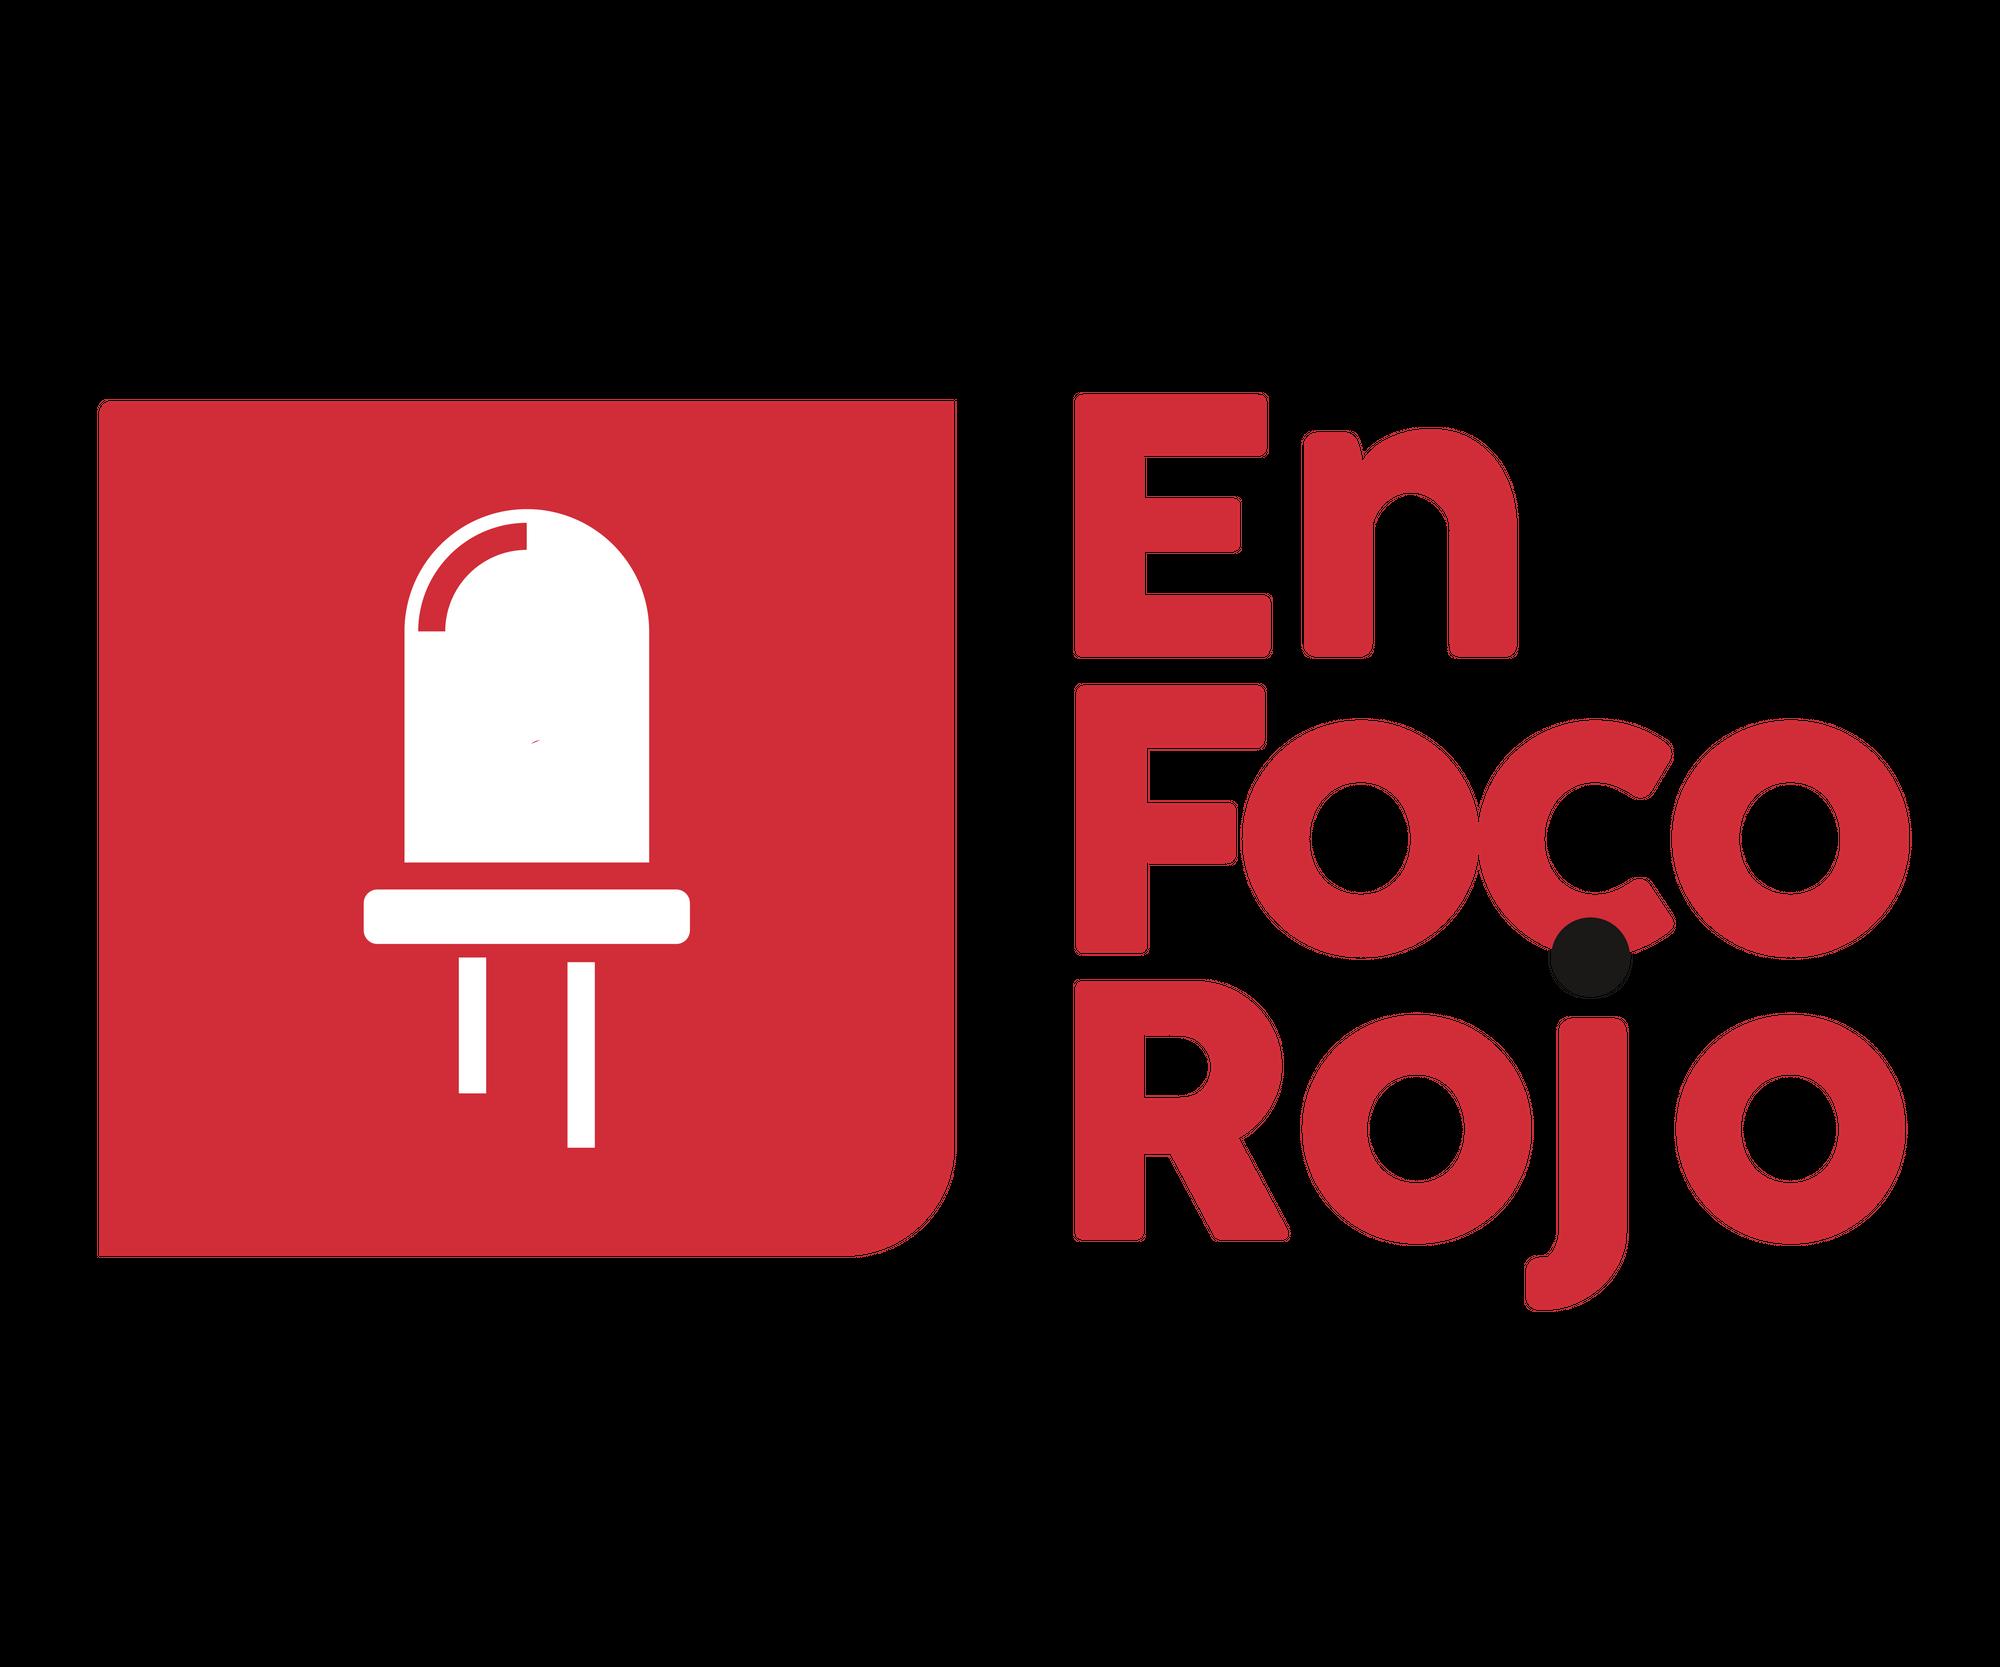 En Foco Rojo